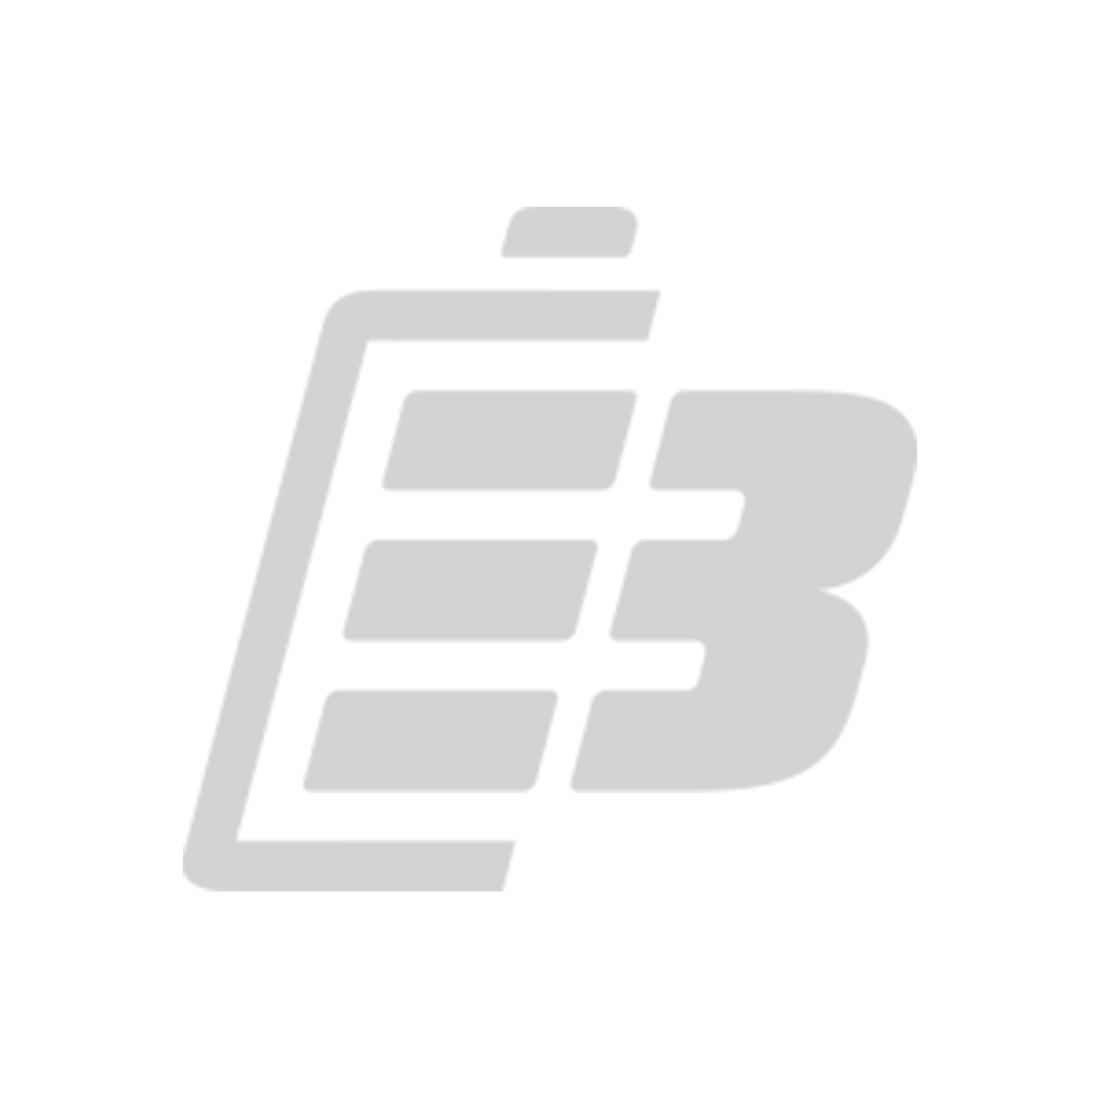 Barcode scanner battery Unitech PA960_1